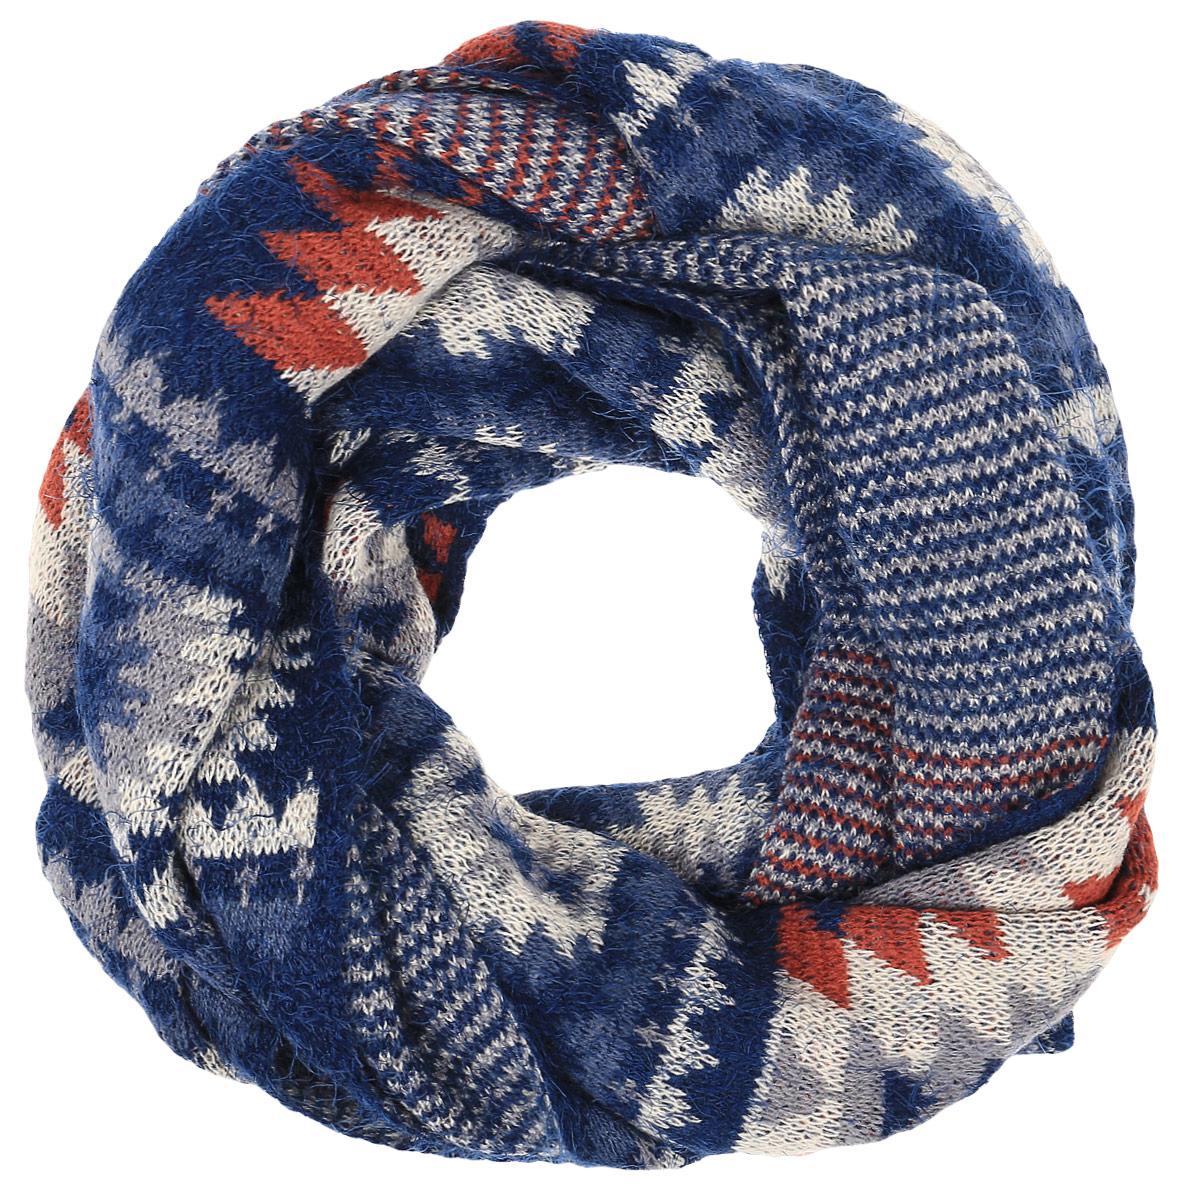 ШарфW16-11418_101Теплый мужской шарф Finn Flare станет достойным завершением вашего образа. Шарф изготовлен из сочетания высококачественного акрила и теплой шерсти. Модель оформлена контрастным принтом.